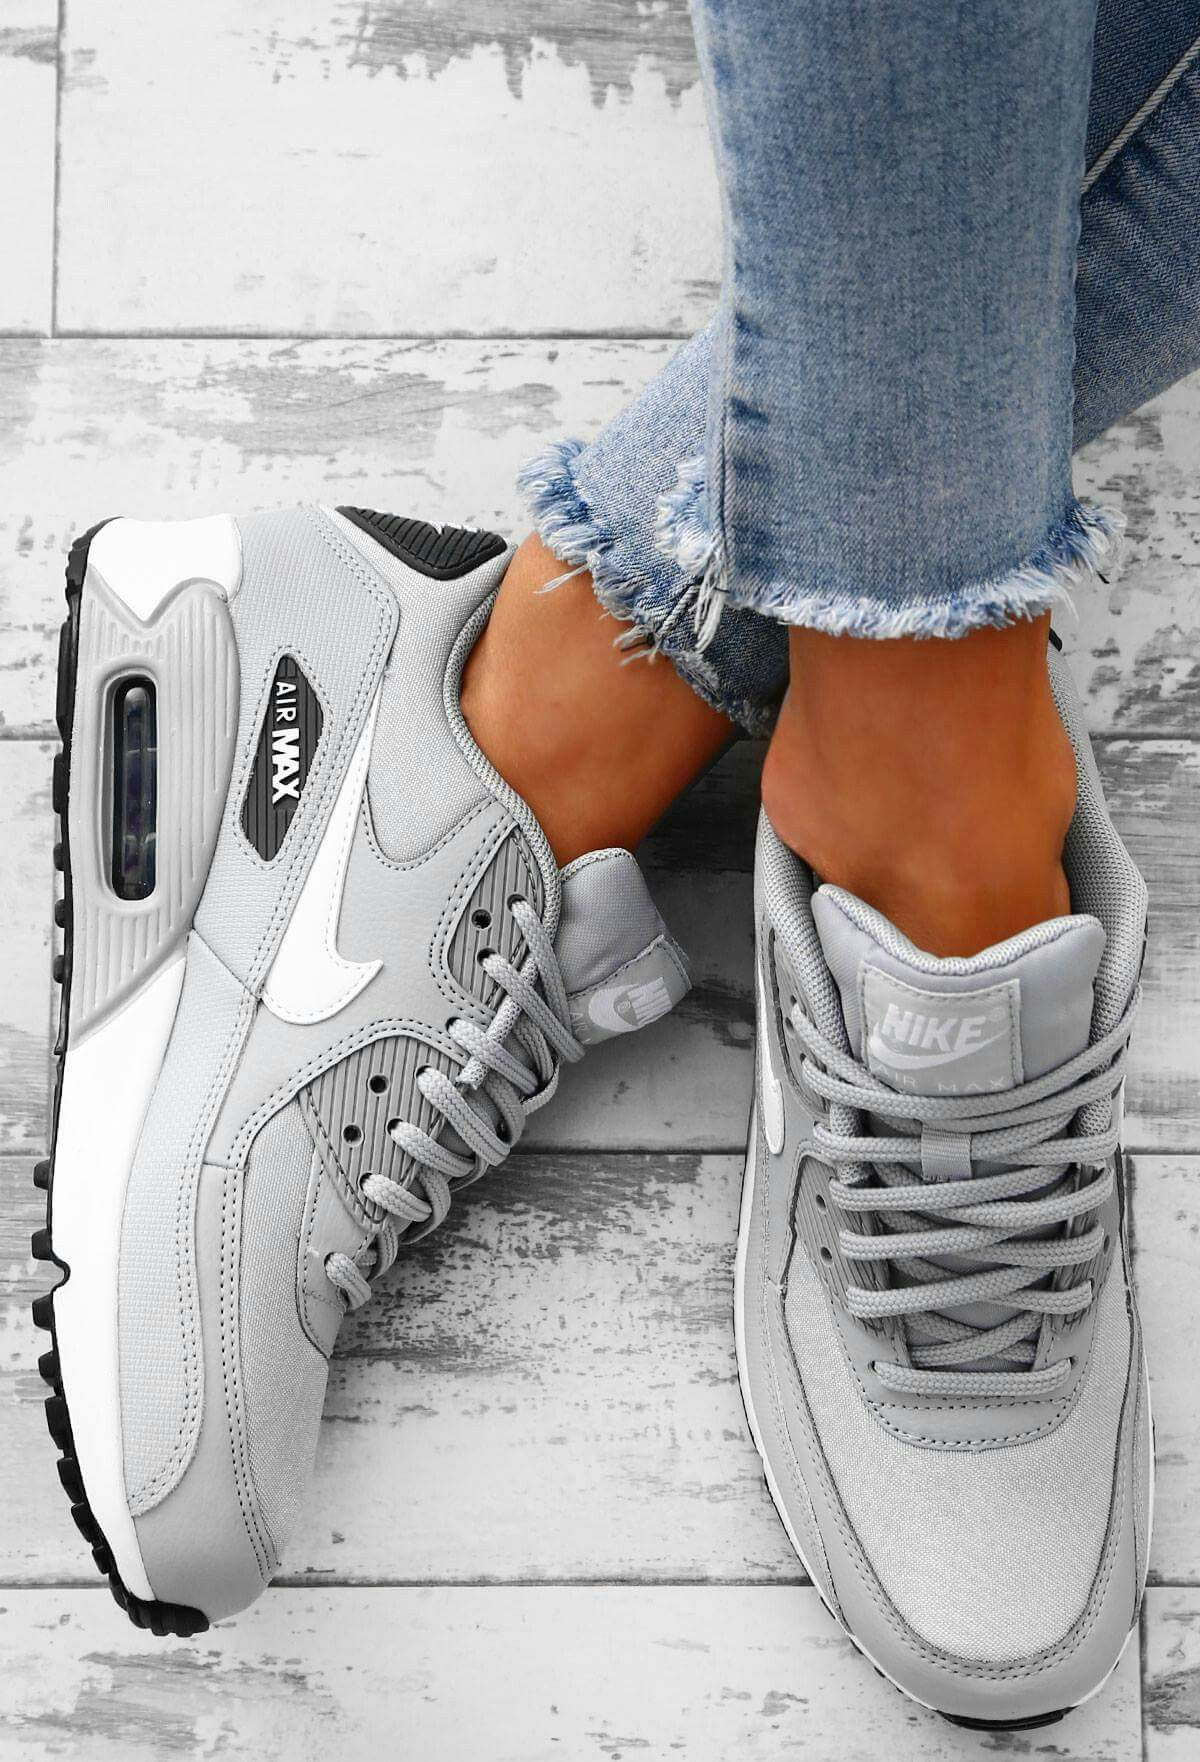 21 Best Thea. images   Air max thea, Fashion, Nike air max